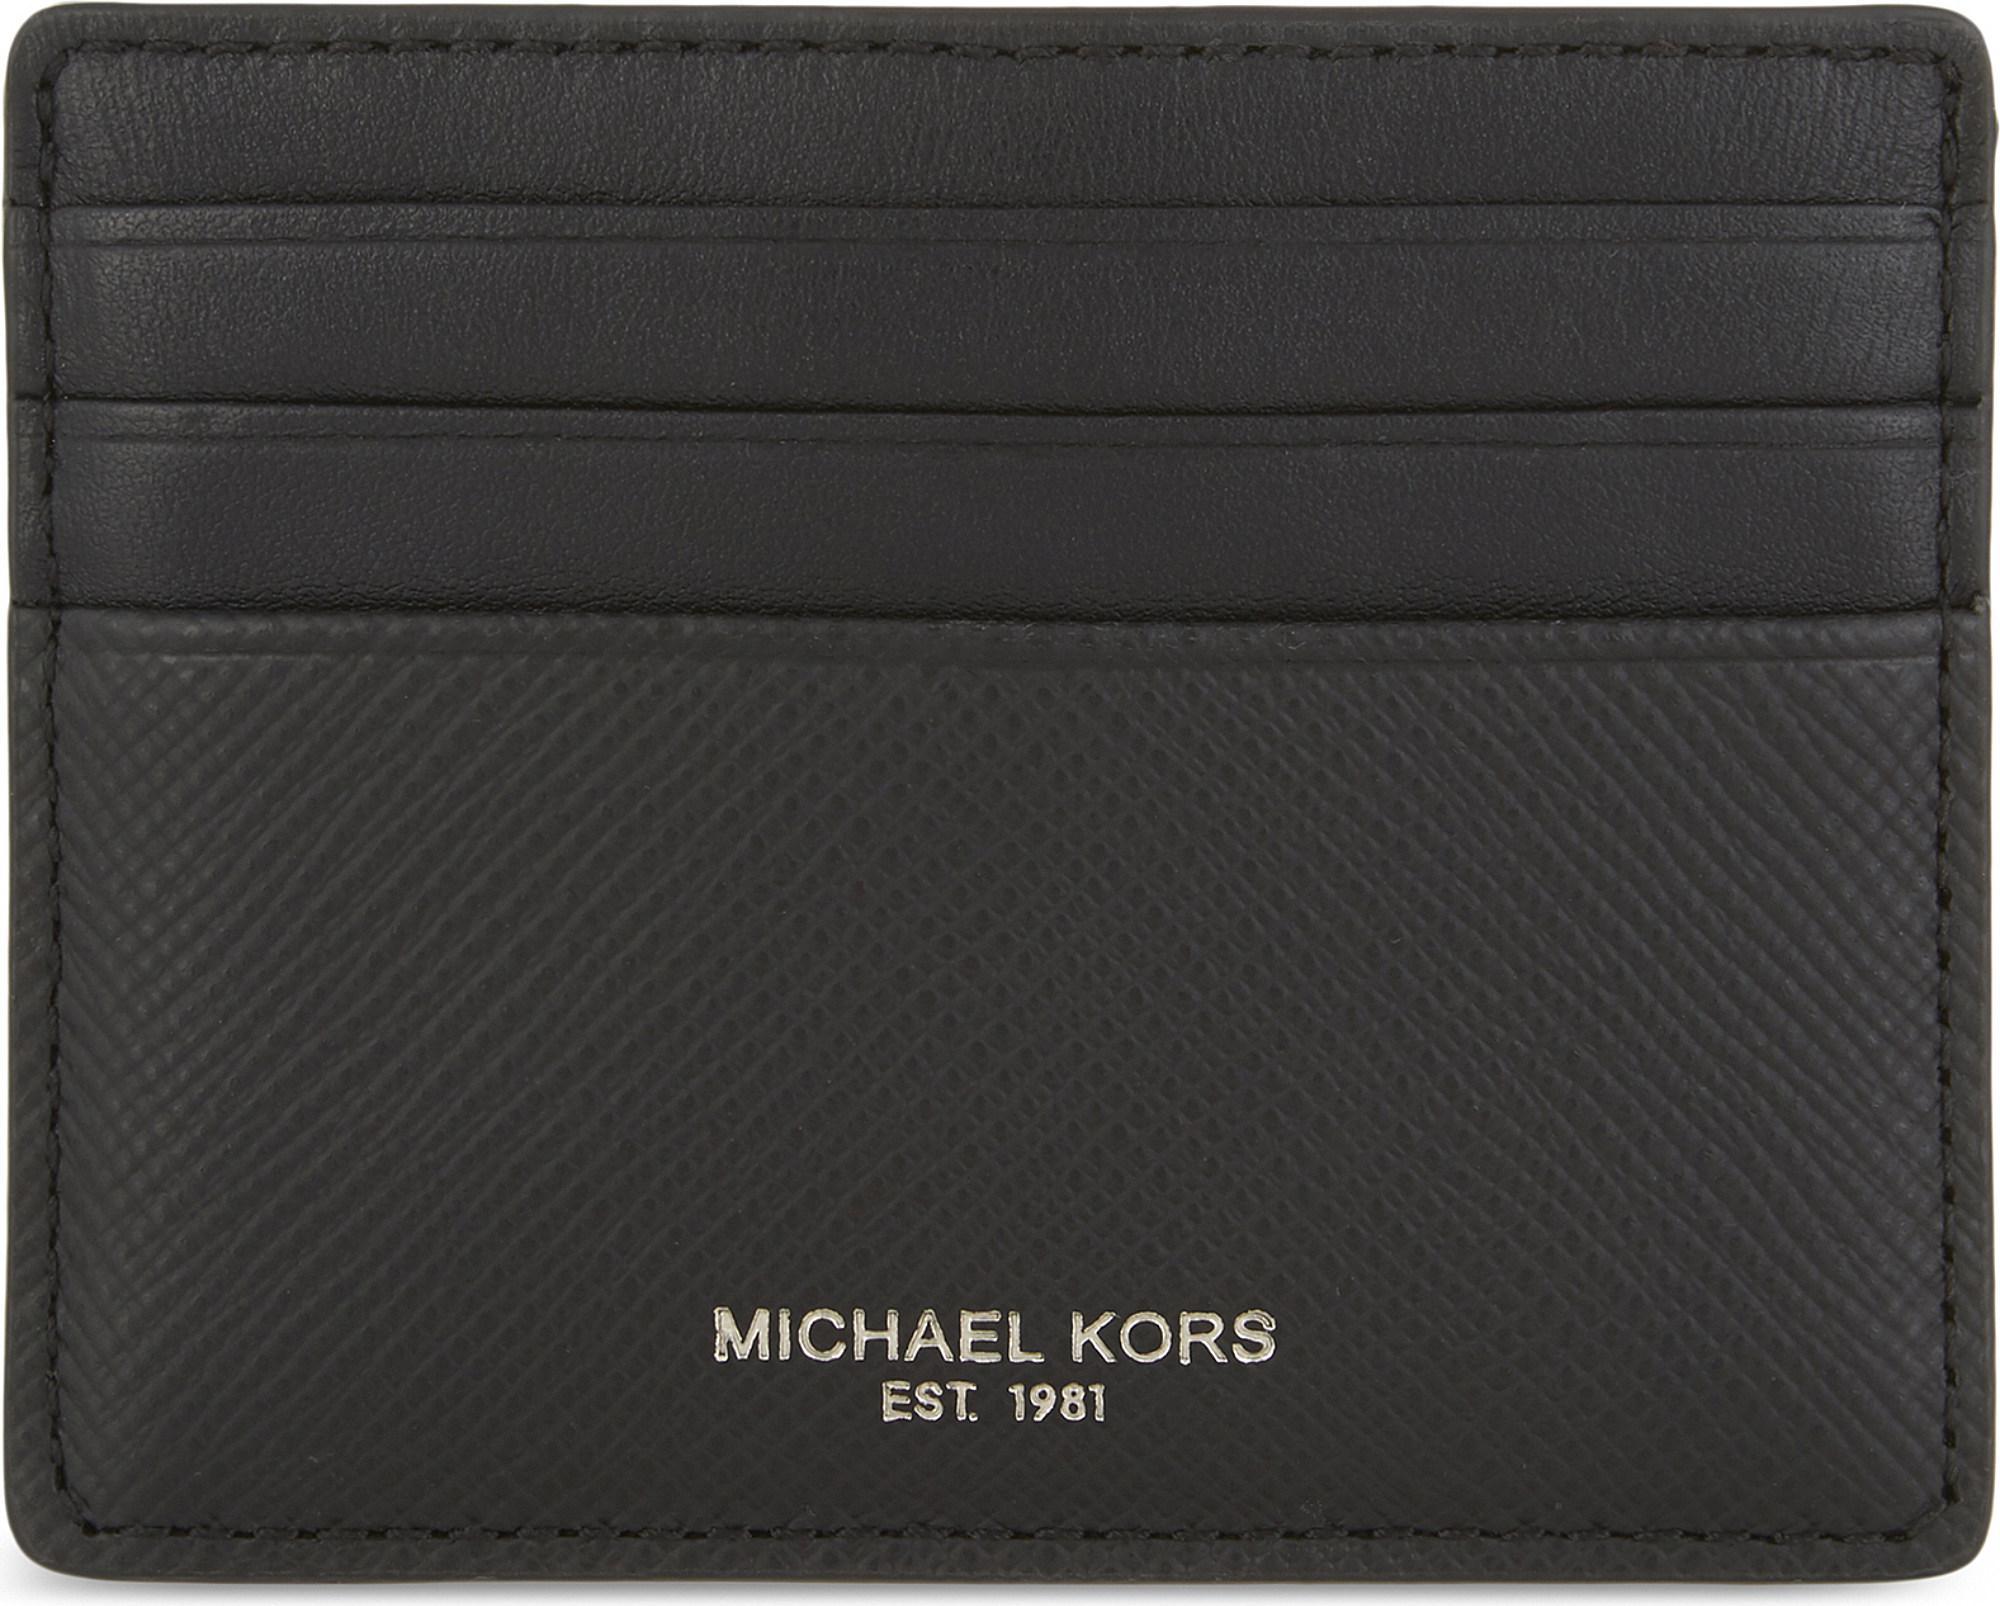 ed5b0ed86b5d Lyst - Michael Kors Harrison Leather Card Holder in Black for Men